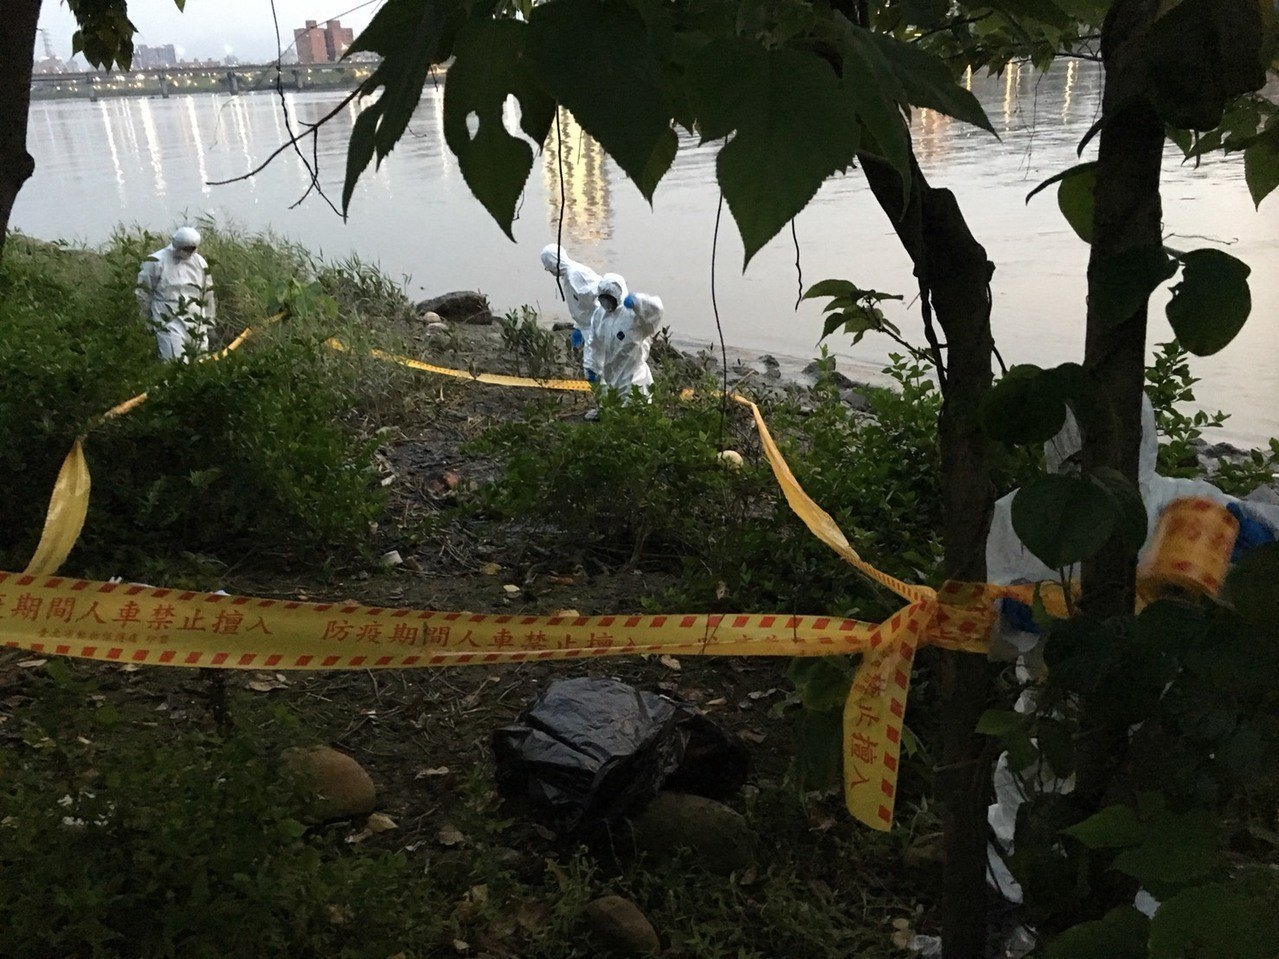 北市動保處傍晚接獲通報,在延平河濱公園淡水河畔發現1隻豬屍體,隨後拉起封鎖線消毒...